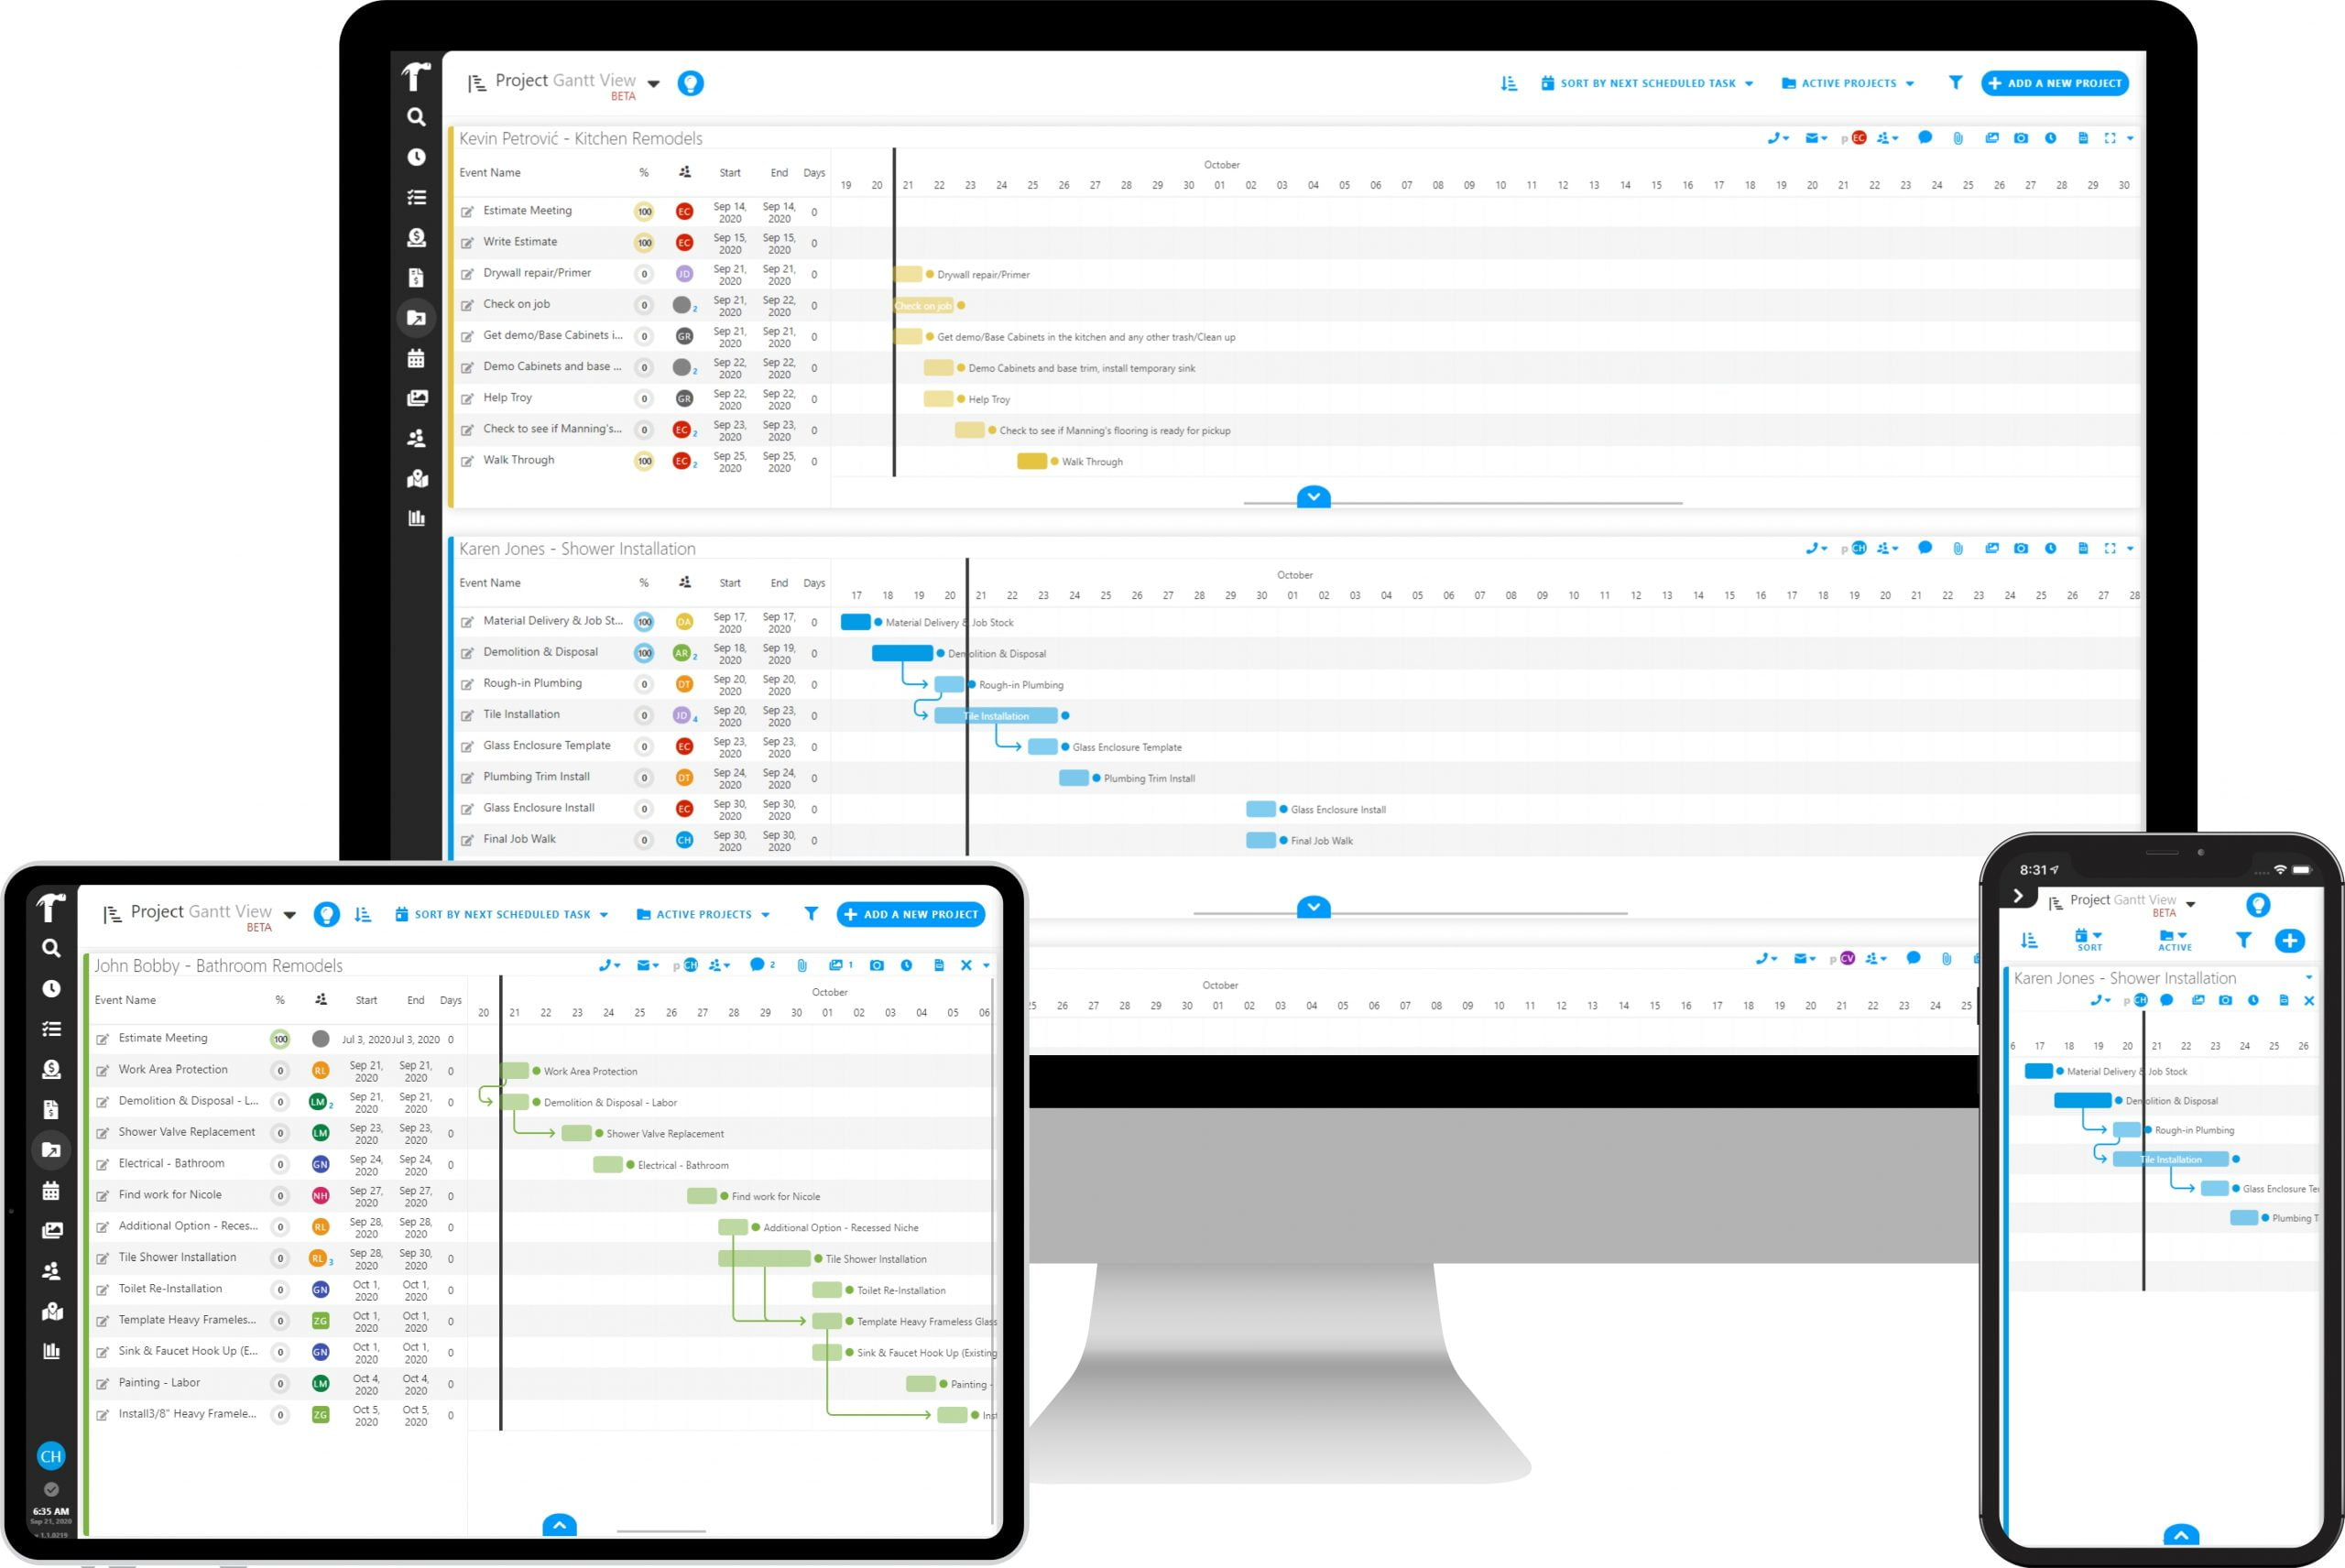 Projul gantt chart view project management